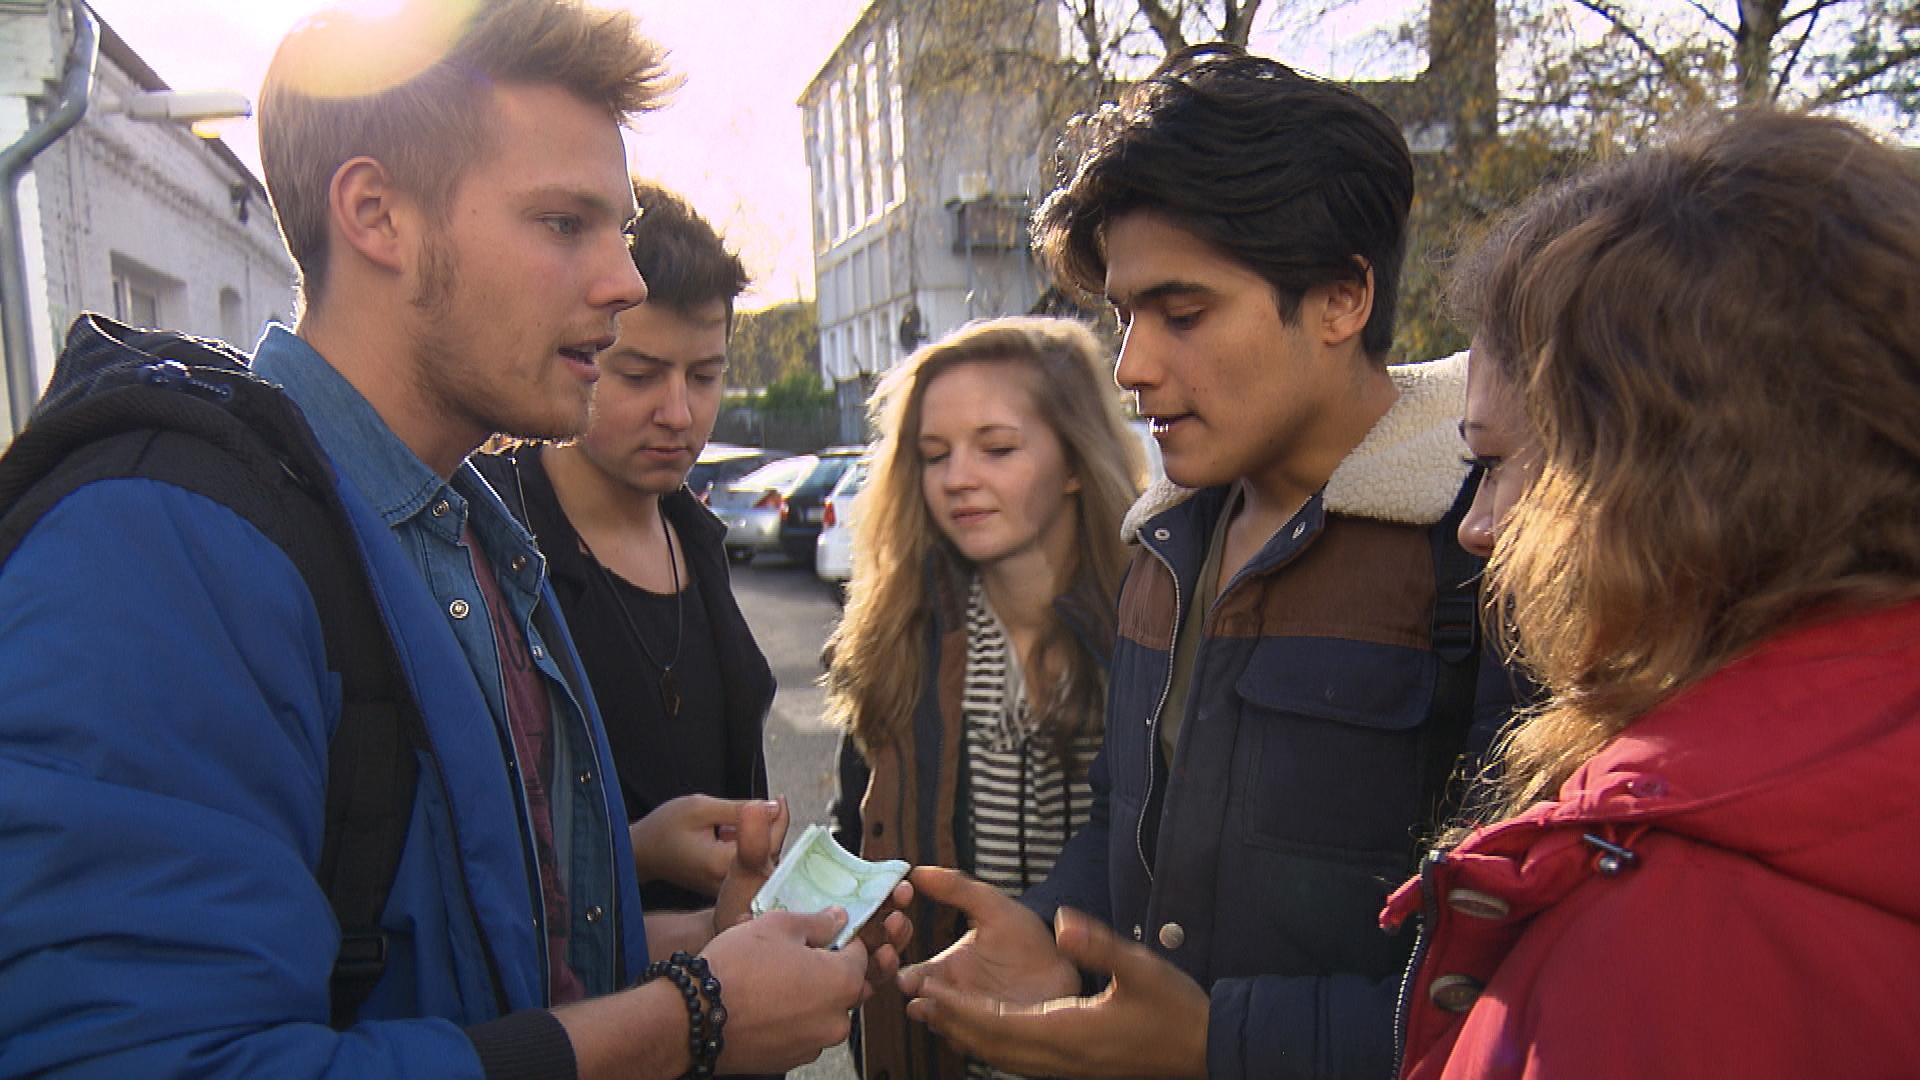 Nachdem Paul und die Clique am Vortag Jupp bei seinem Werbefilm geholfen haben, freuen sie sich auf den Lohn ihrer Mühen. Als Jupp die Clique auszahlt, überlegen die Kids bereits, was sie sich von dem Geld kaufen können. Doch Paul hat andere Pläne. (Quelle: RTL 2)